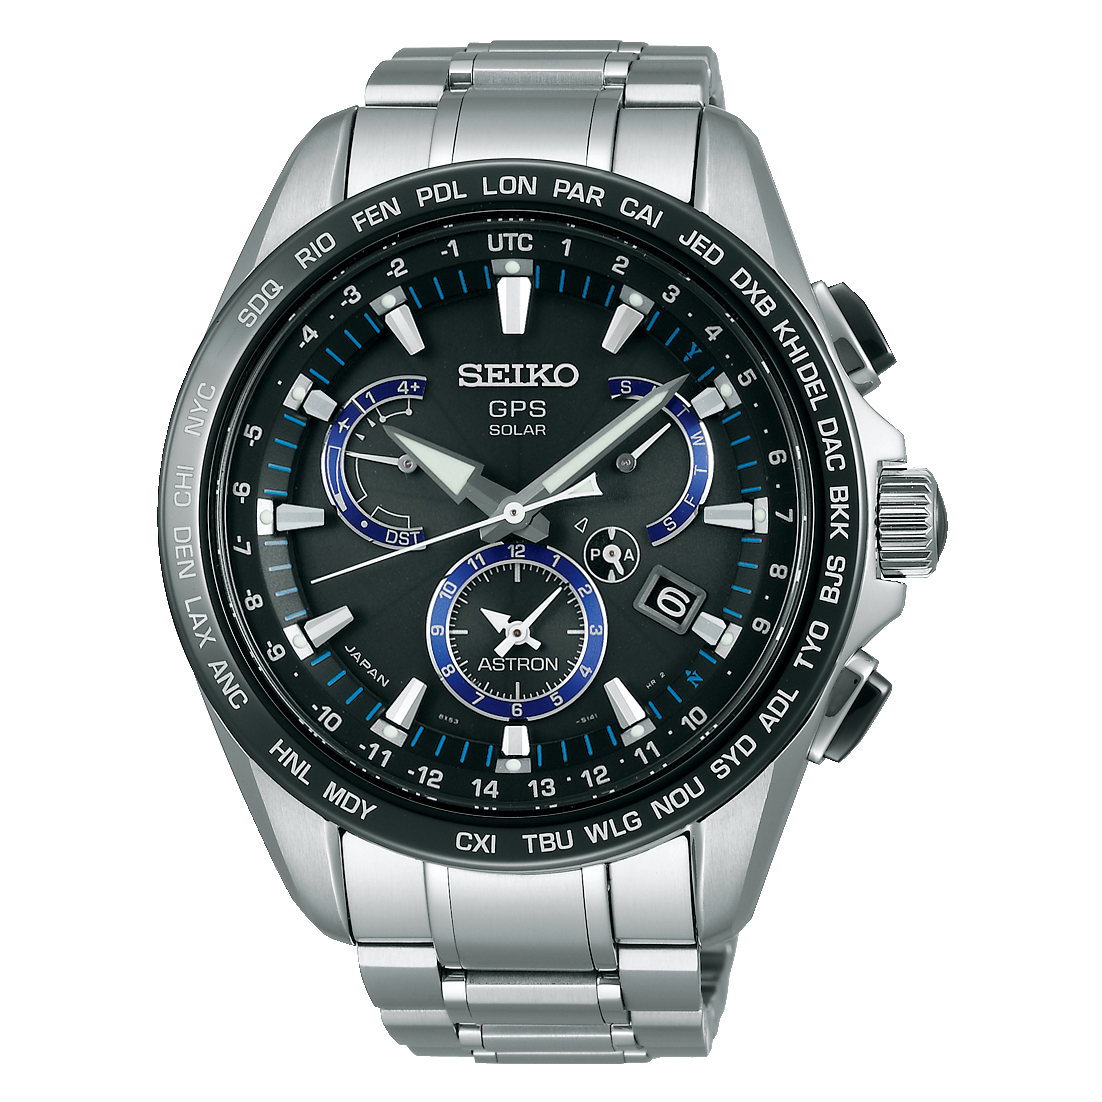 SEIKO ASTRON/セイコー アストロン SBXB101 8X Series Dual-Time デュアルタイム 8X53 Titanium Models チタニウムモデル